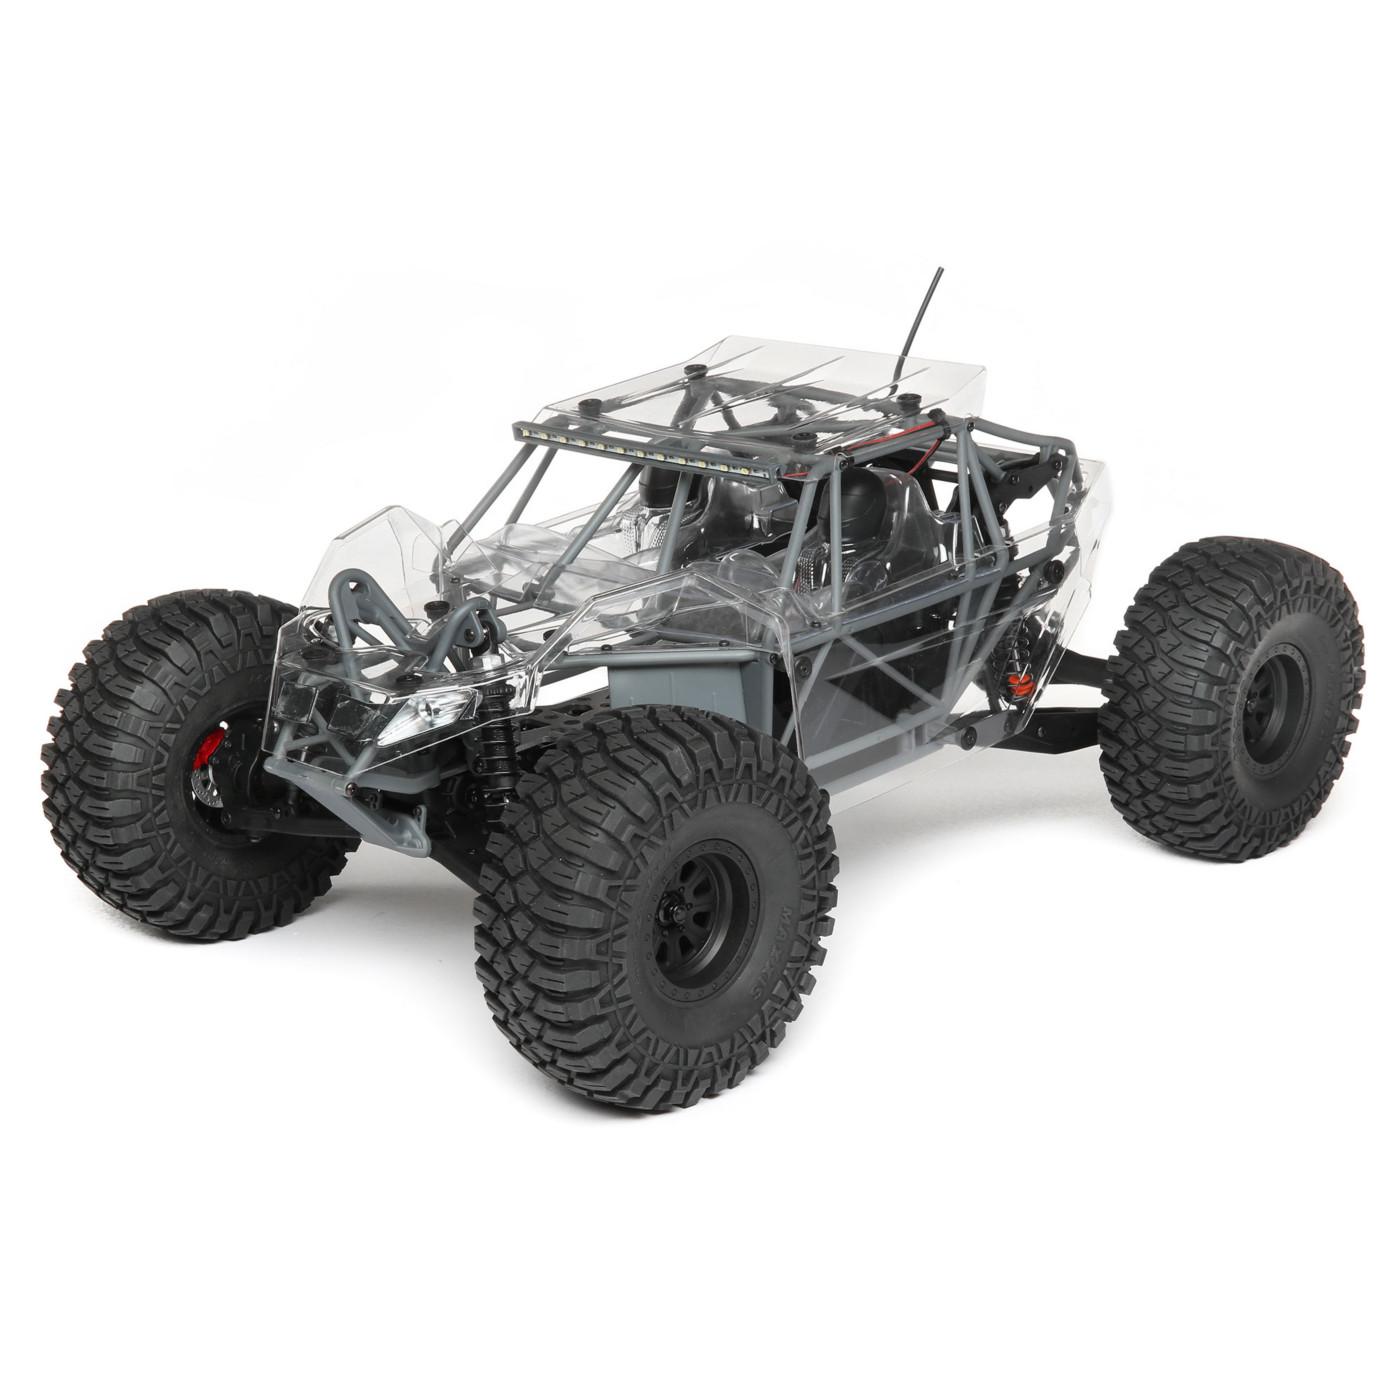 Losi 1/10 4WD Rock Racer Rock Rey Kit